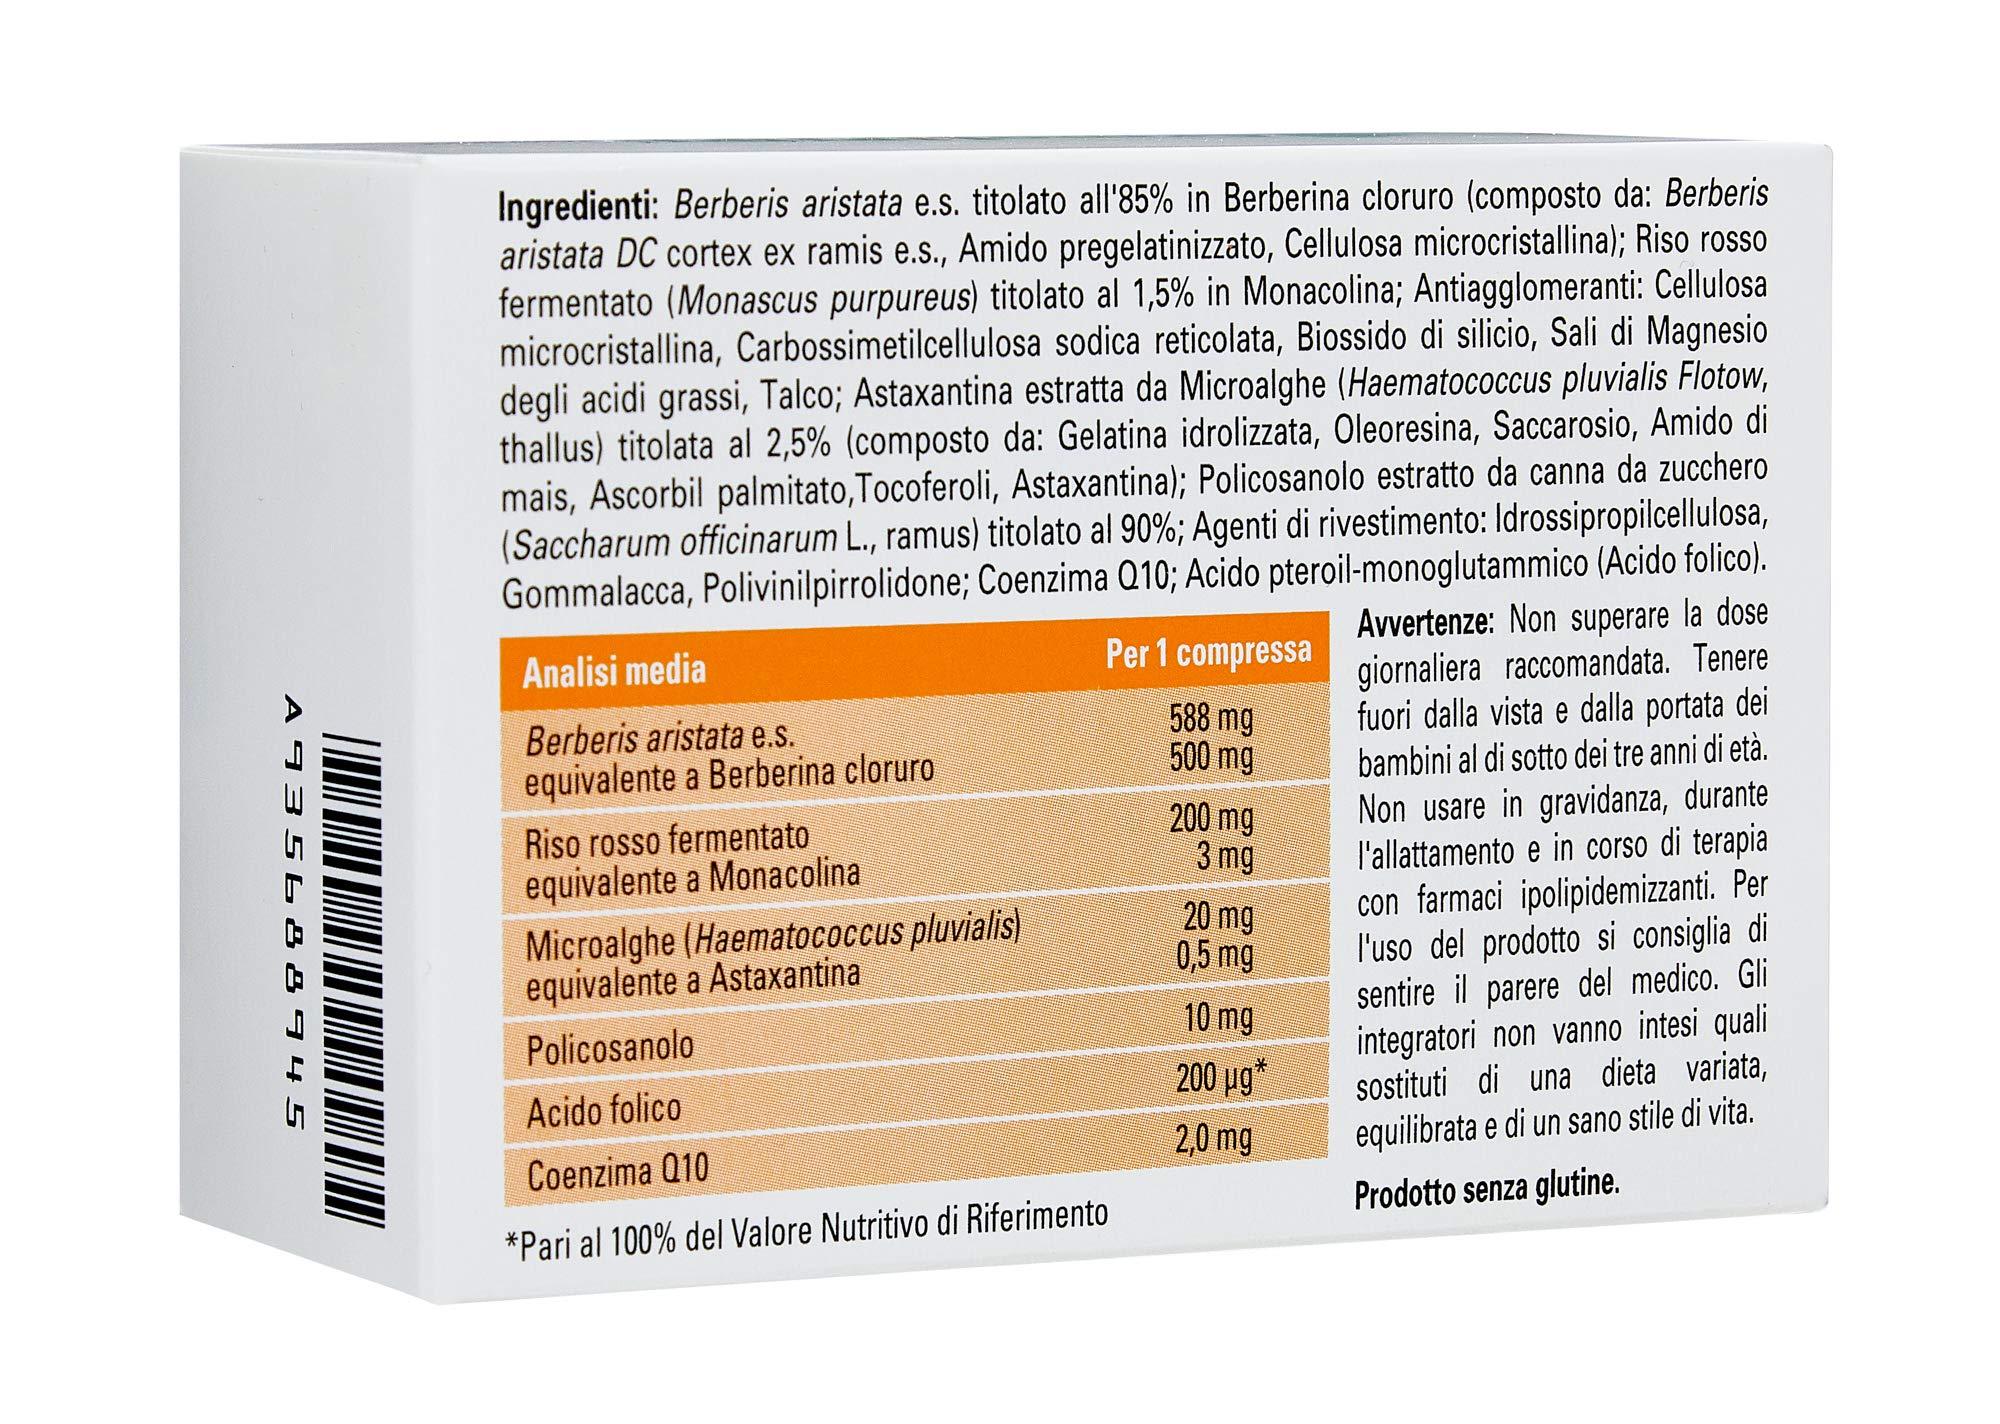 Armolipid Plus integratore alimentare con riso rosso, 30 compresse 2 spesavip